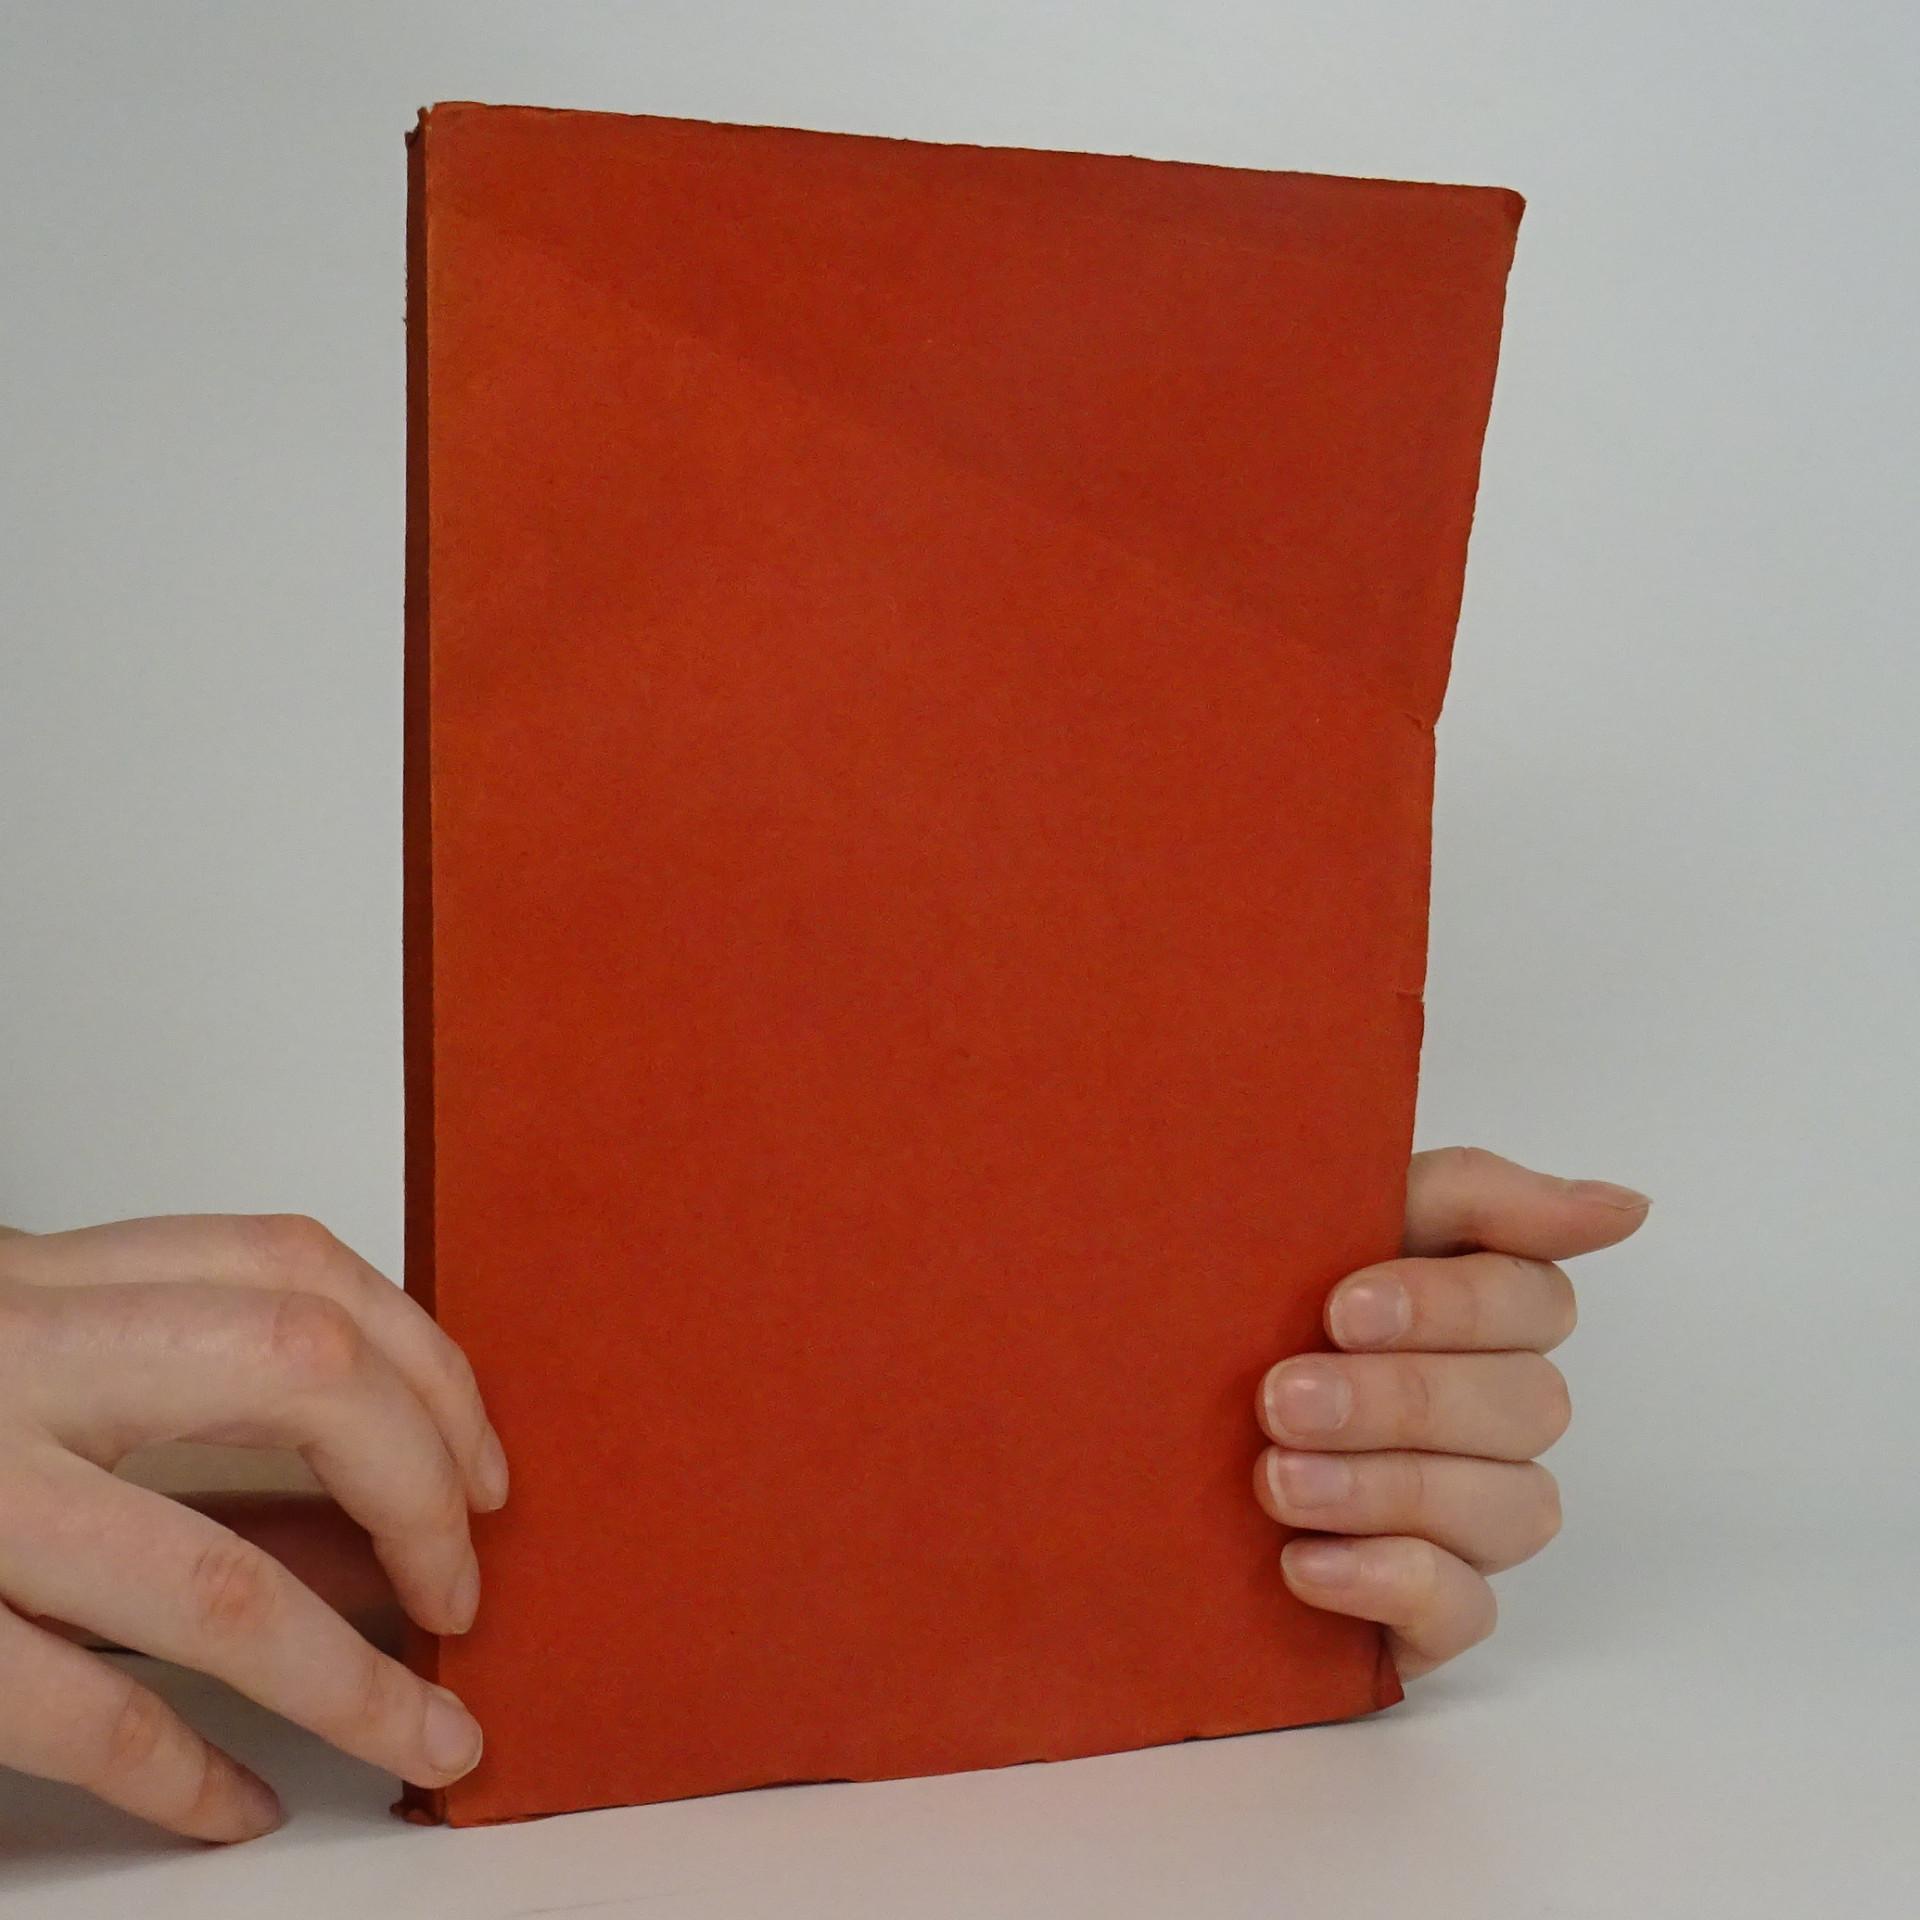 antikvární kniha Kulturní zpravodaj (Panorama) 1-10. Ročník IV., 1927